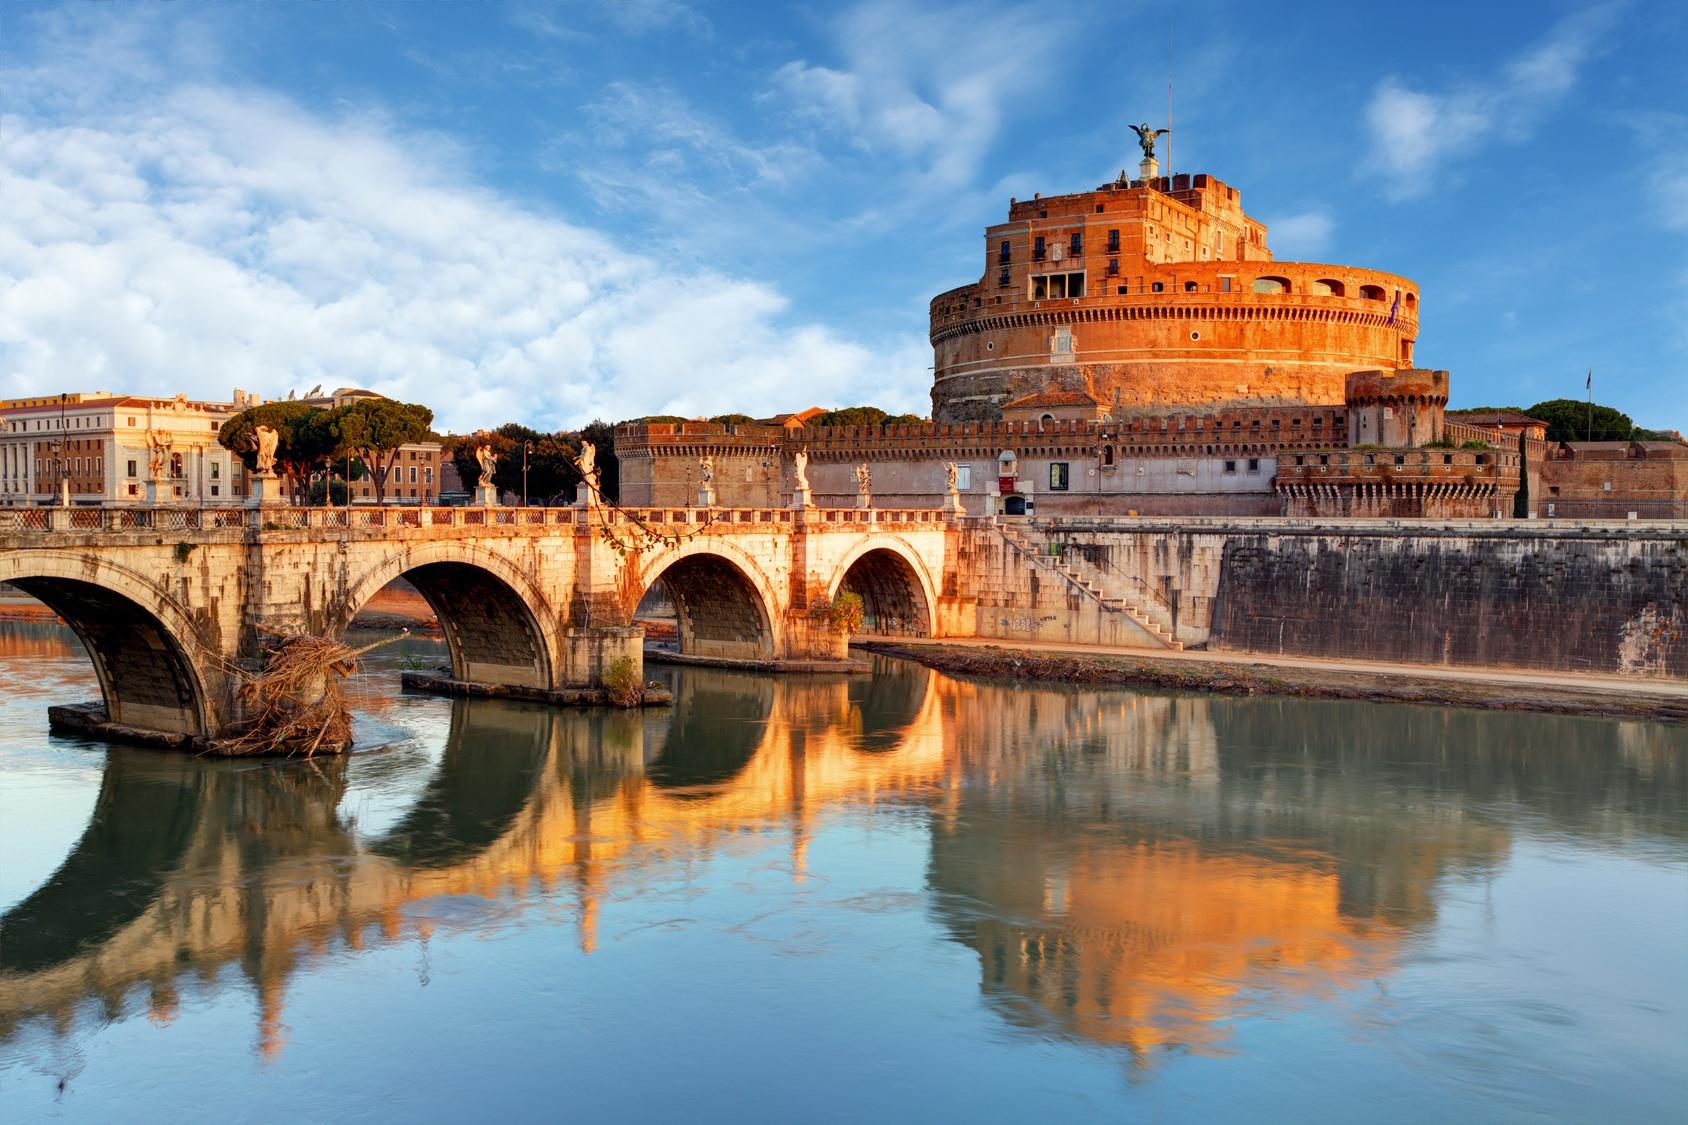 Cycling in Rome: Grab a Bike and Bike the GRAB